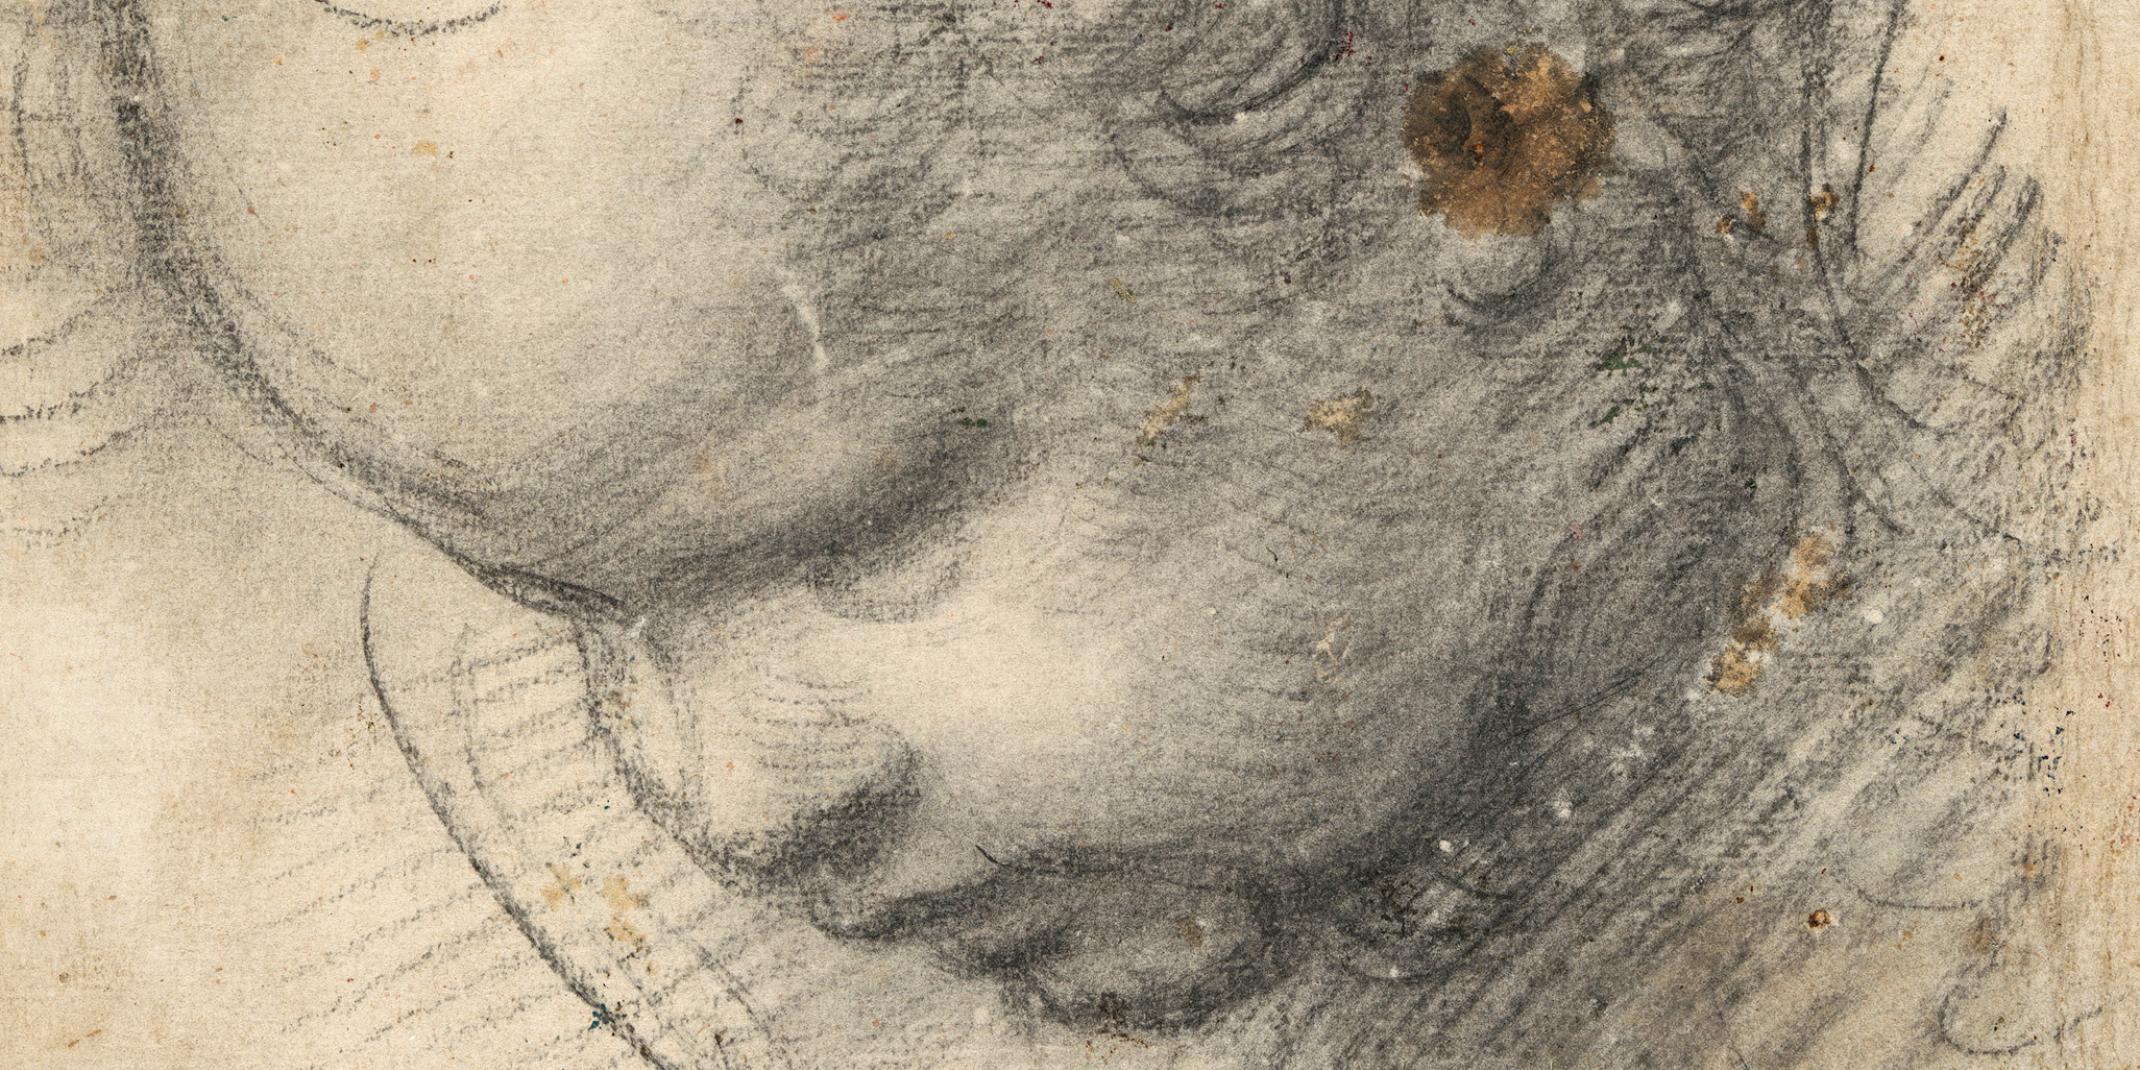 Raffael, eigentlich Raffaello Santi oder Sanzio (1483–1520) Kopf eines Cherubs, um  1509, © Hamburger Kunsthalle, Kupferstichkabinett / bpk Foto: Christoph Irrgang